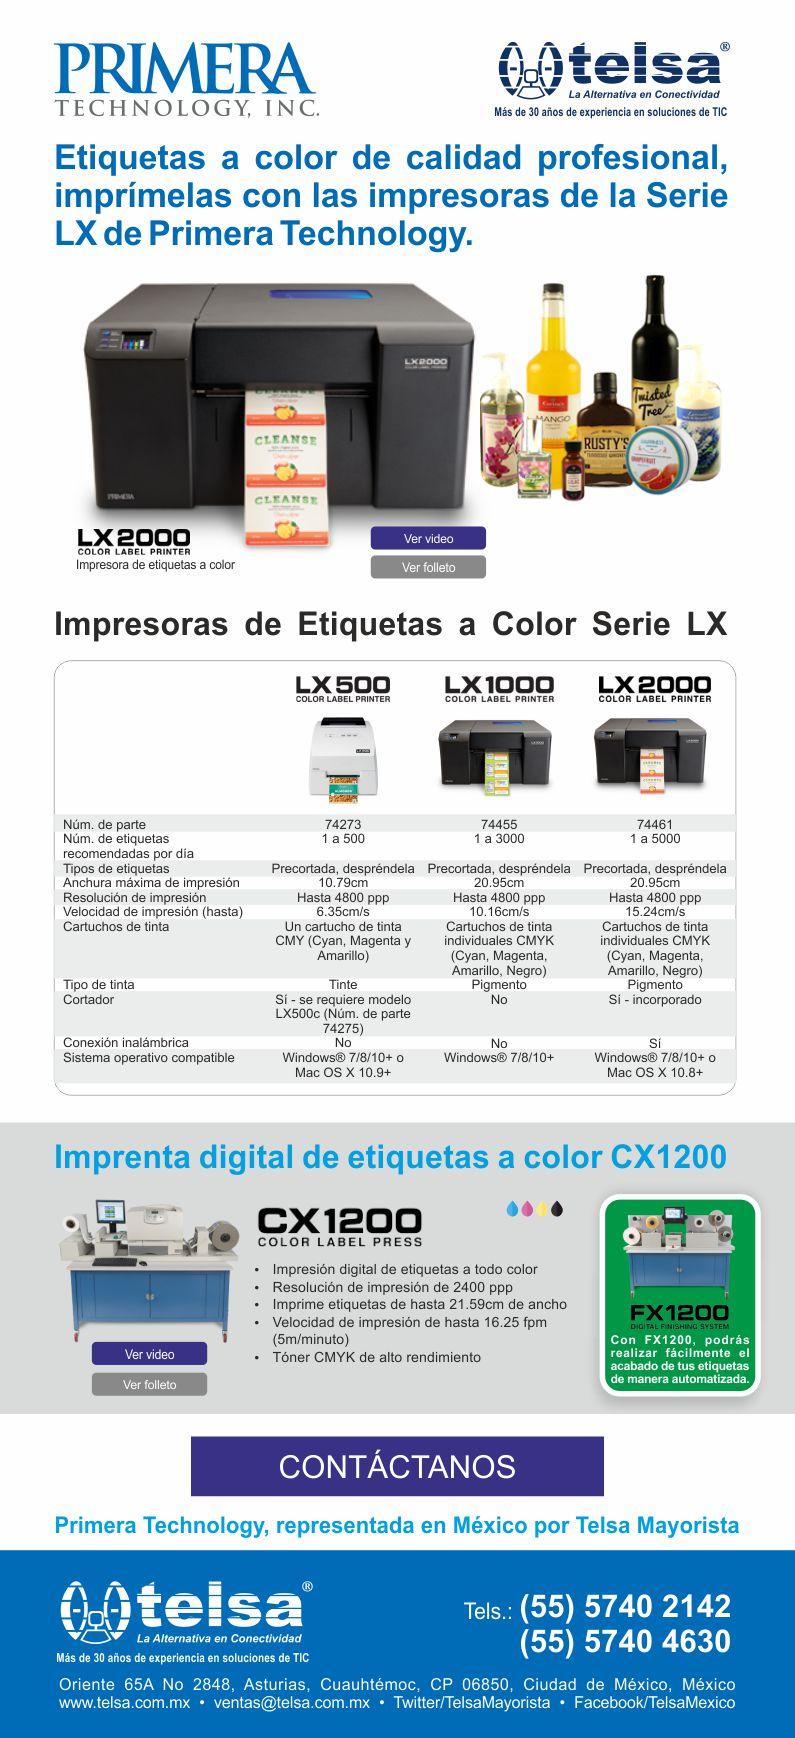 Etiquetas a color de calidad profesional, imprímelas con las impresoras de la Serie LX de Primera Technology